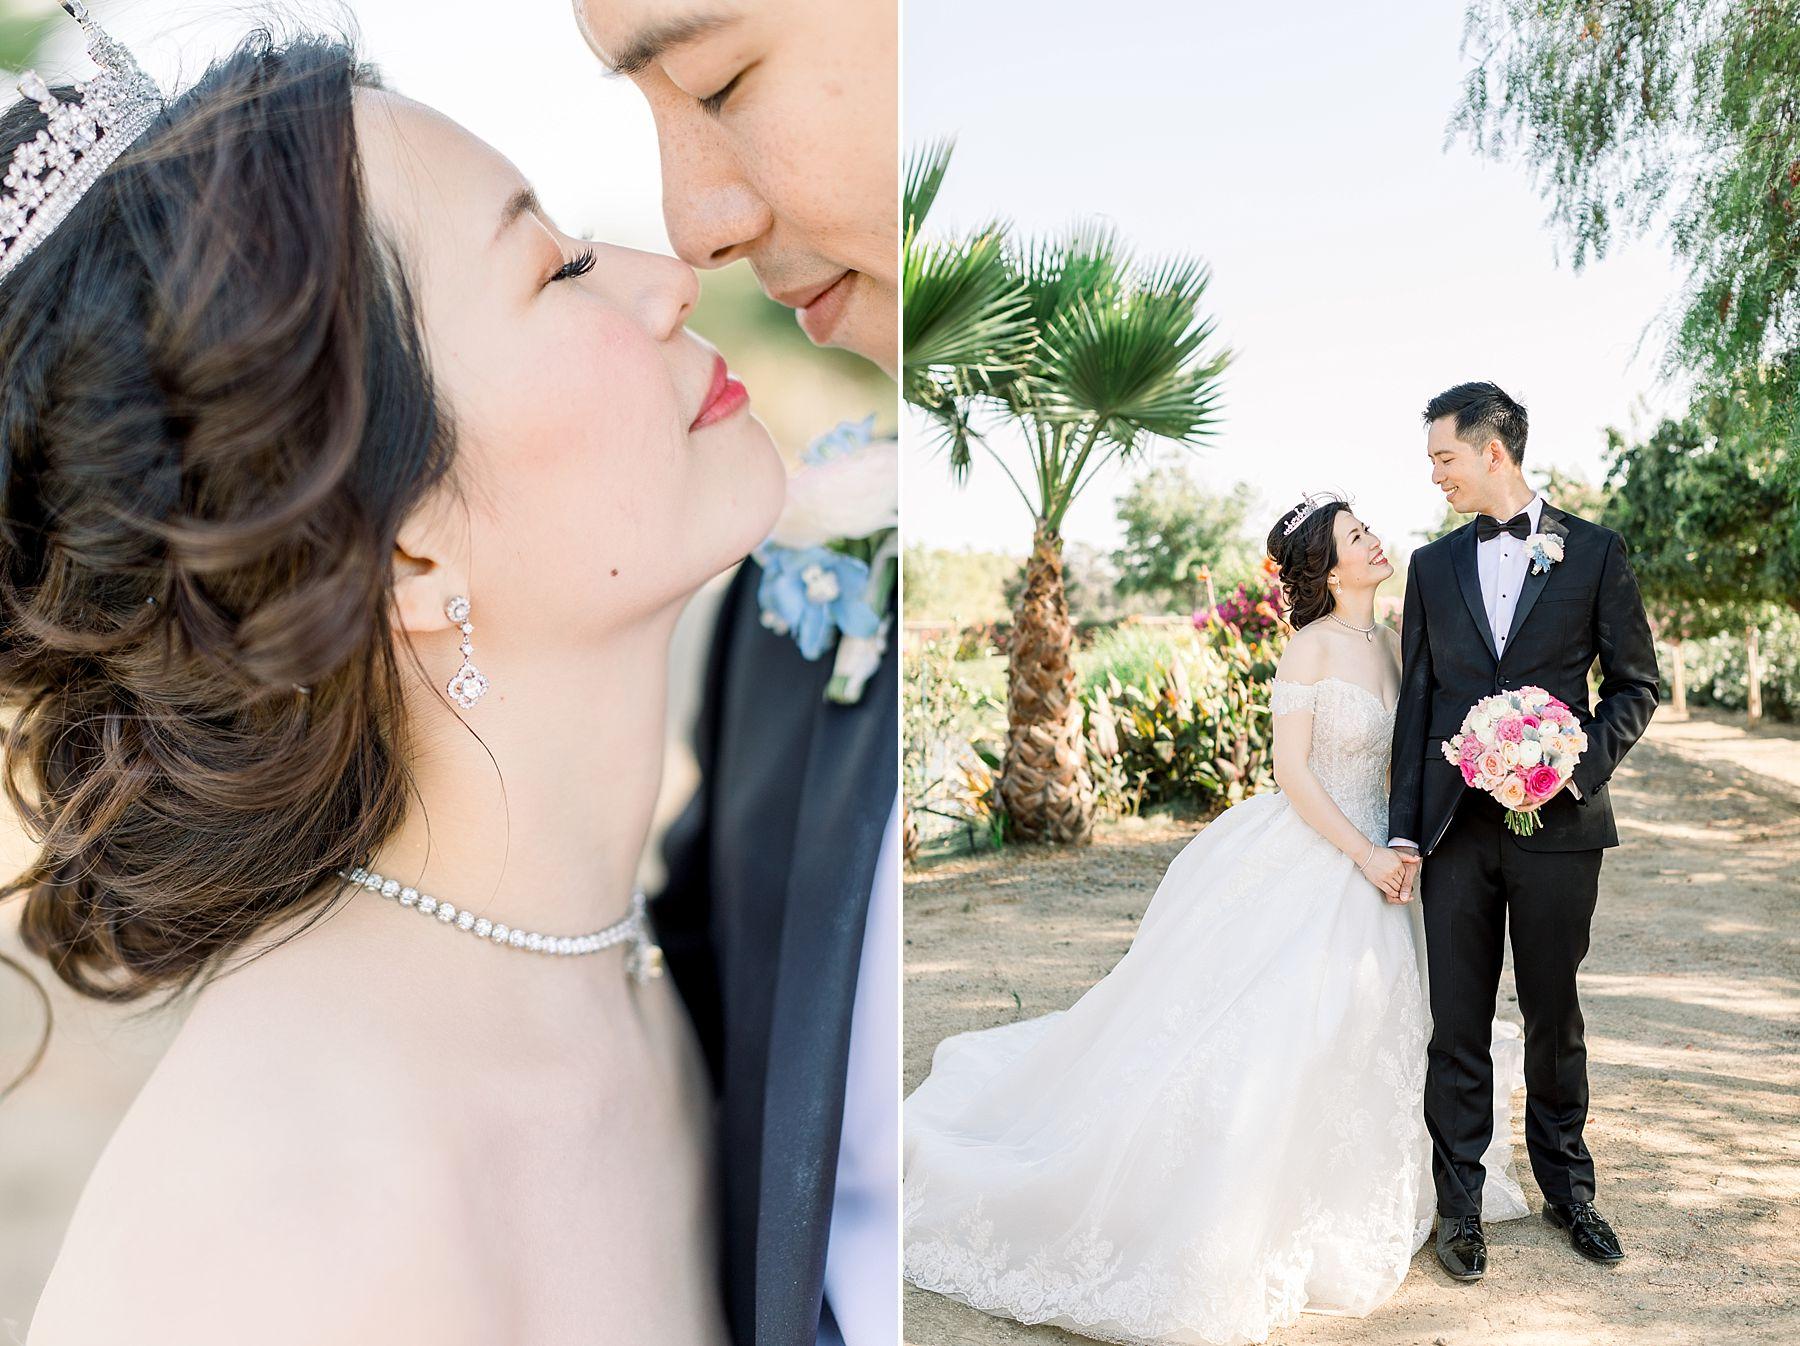 Newberry Estate Vineyards Wedding - Ashley Baumgartner - Jasmine and Johhny - Bay Area Wedding Photographer - Sacramento Wedding Photographer_0023.jpg